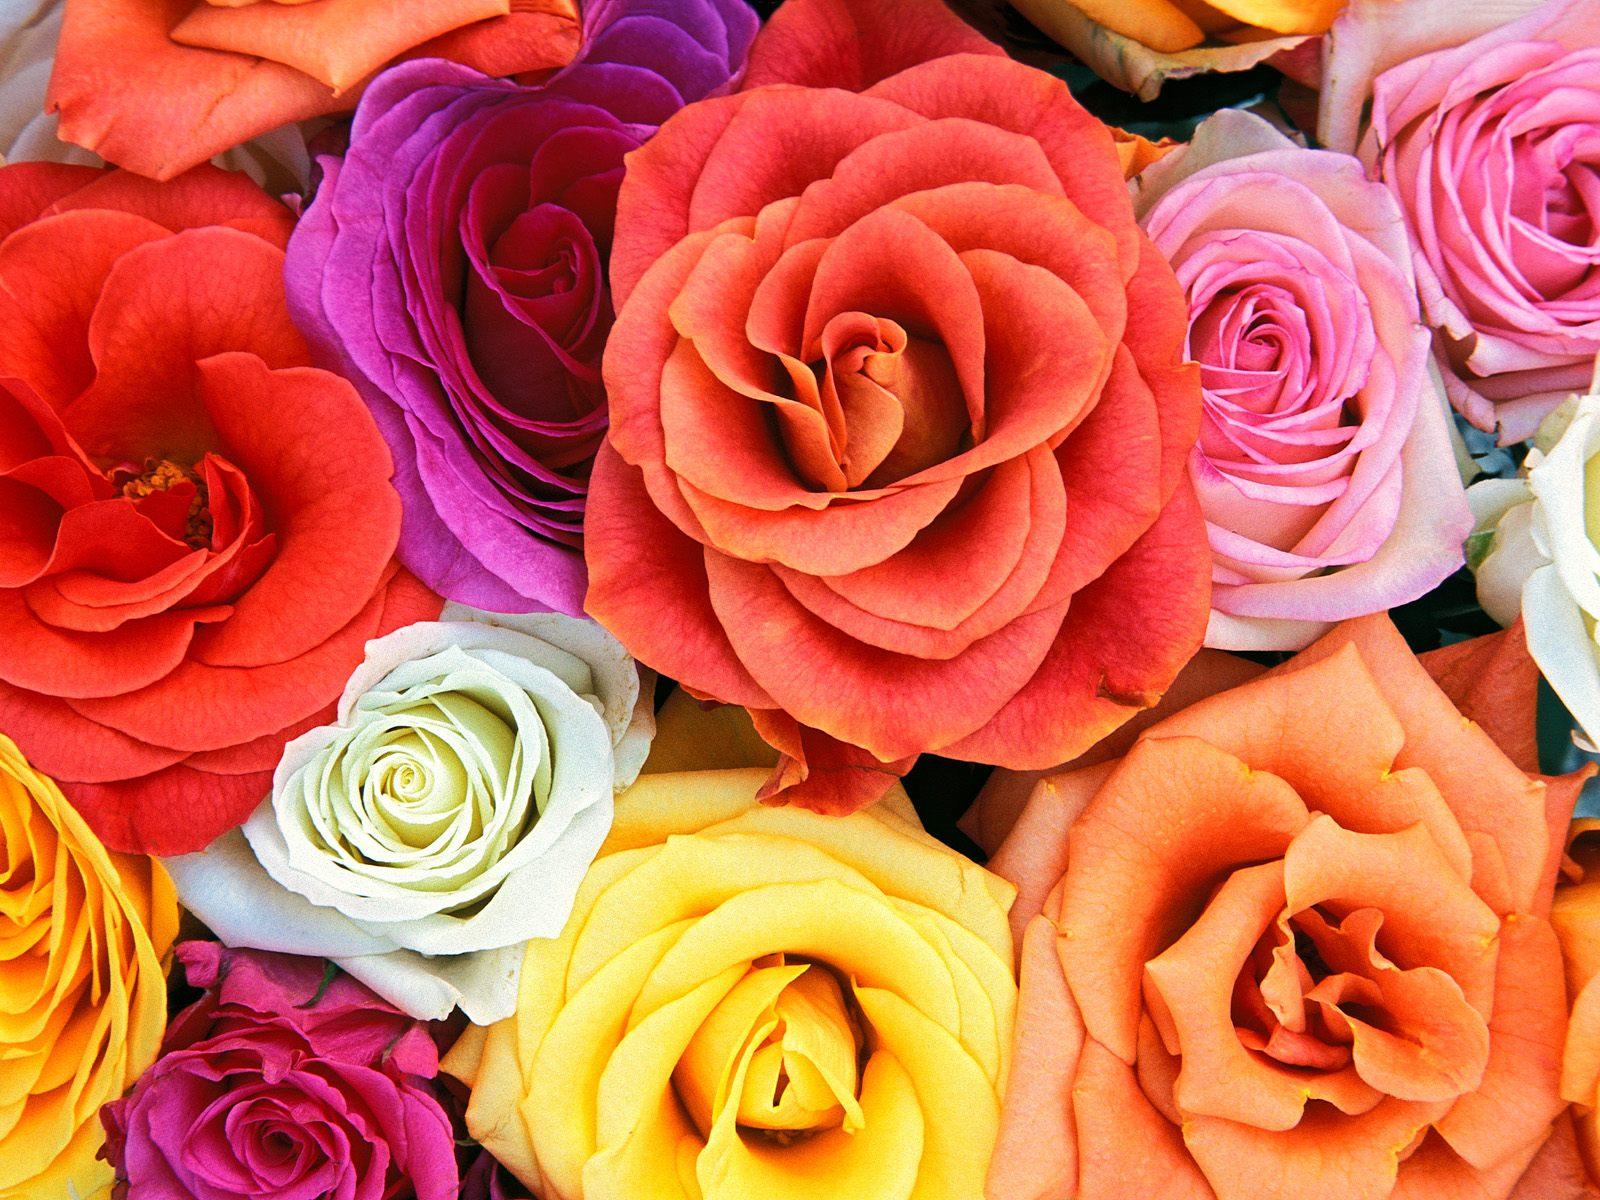 http://4.bp.blogspot.com/-d80cIoxloP0/UGaAtL3xBYI/AAAAAAAAAIY/6LfR1KTiTWA/s1600/wallpaper-gambar-bunga-7+-+Copy.jpg